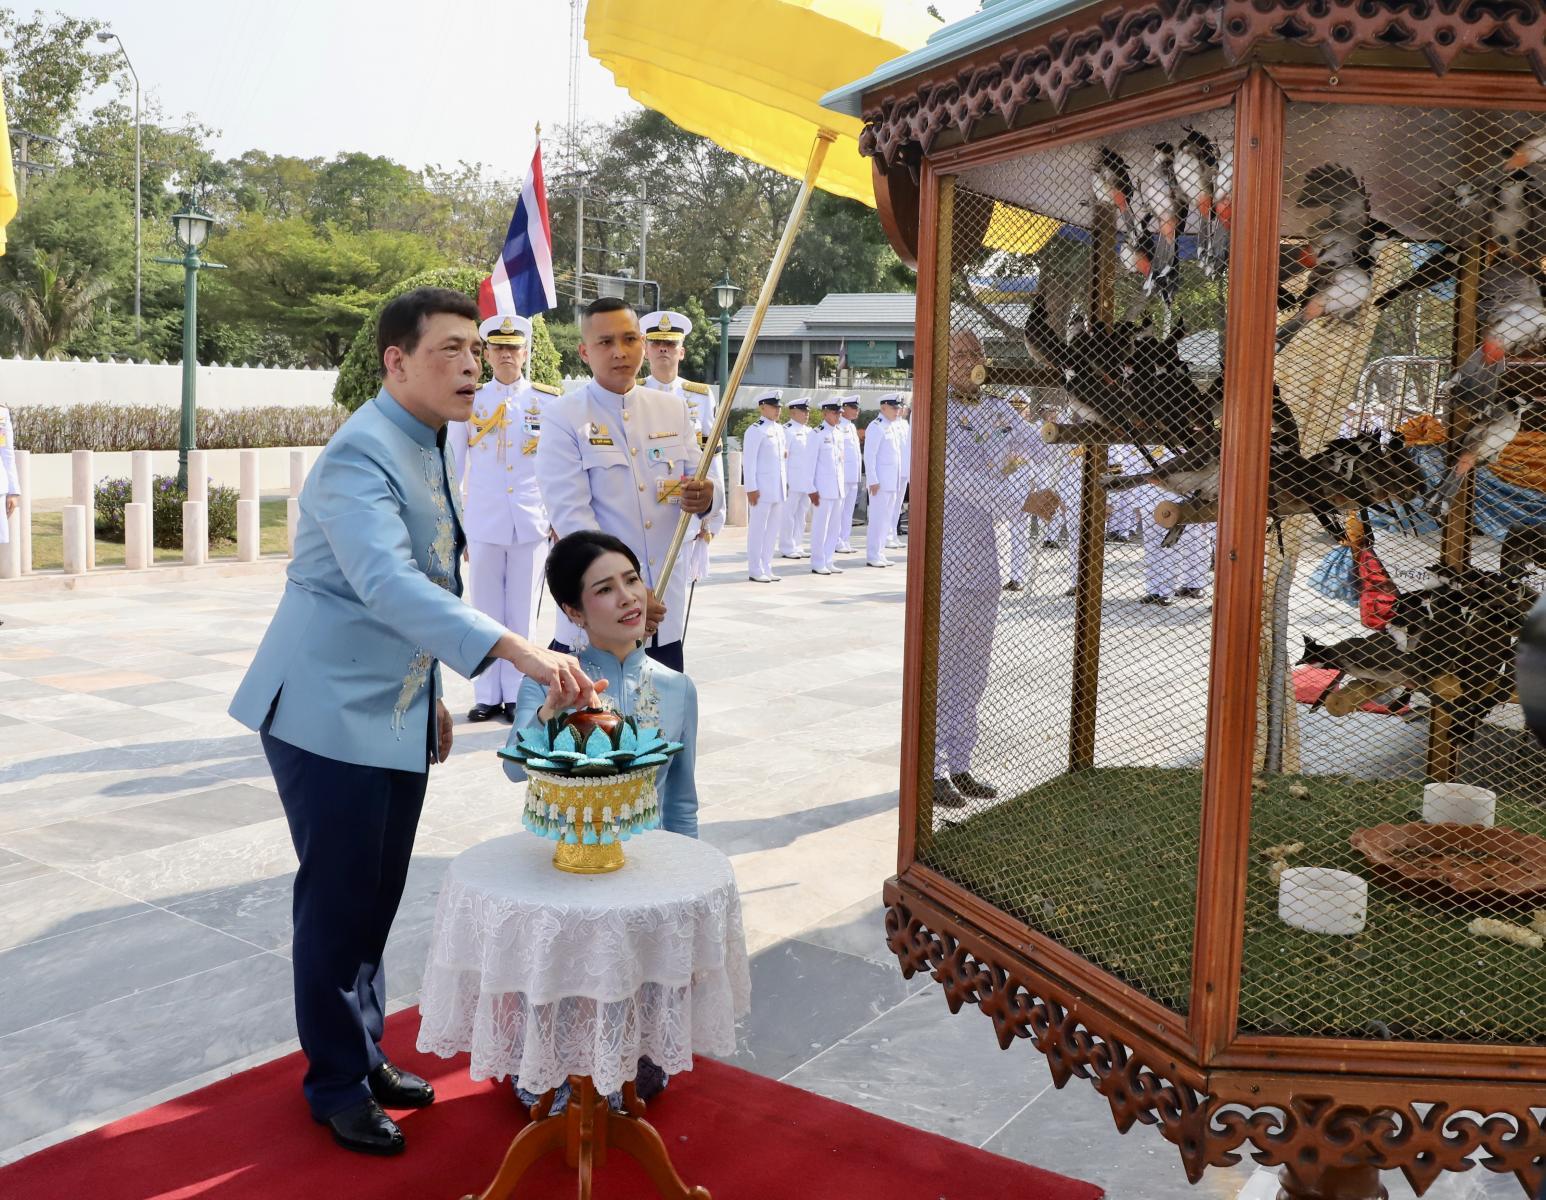 พระบาทสมเด็จพระเจ้าอยู่หัว เสด็จพระราชดำเนิน ทรงบำเพ็ญพระราชกุศล เนื่องในโอกาสวันคล้ายวันเกิด เจ้าคุณพระสินีนาฏฯ